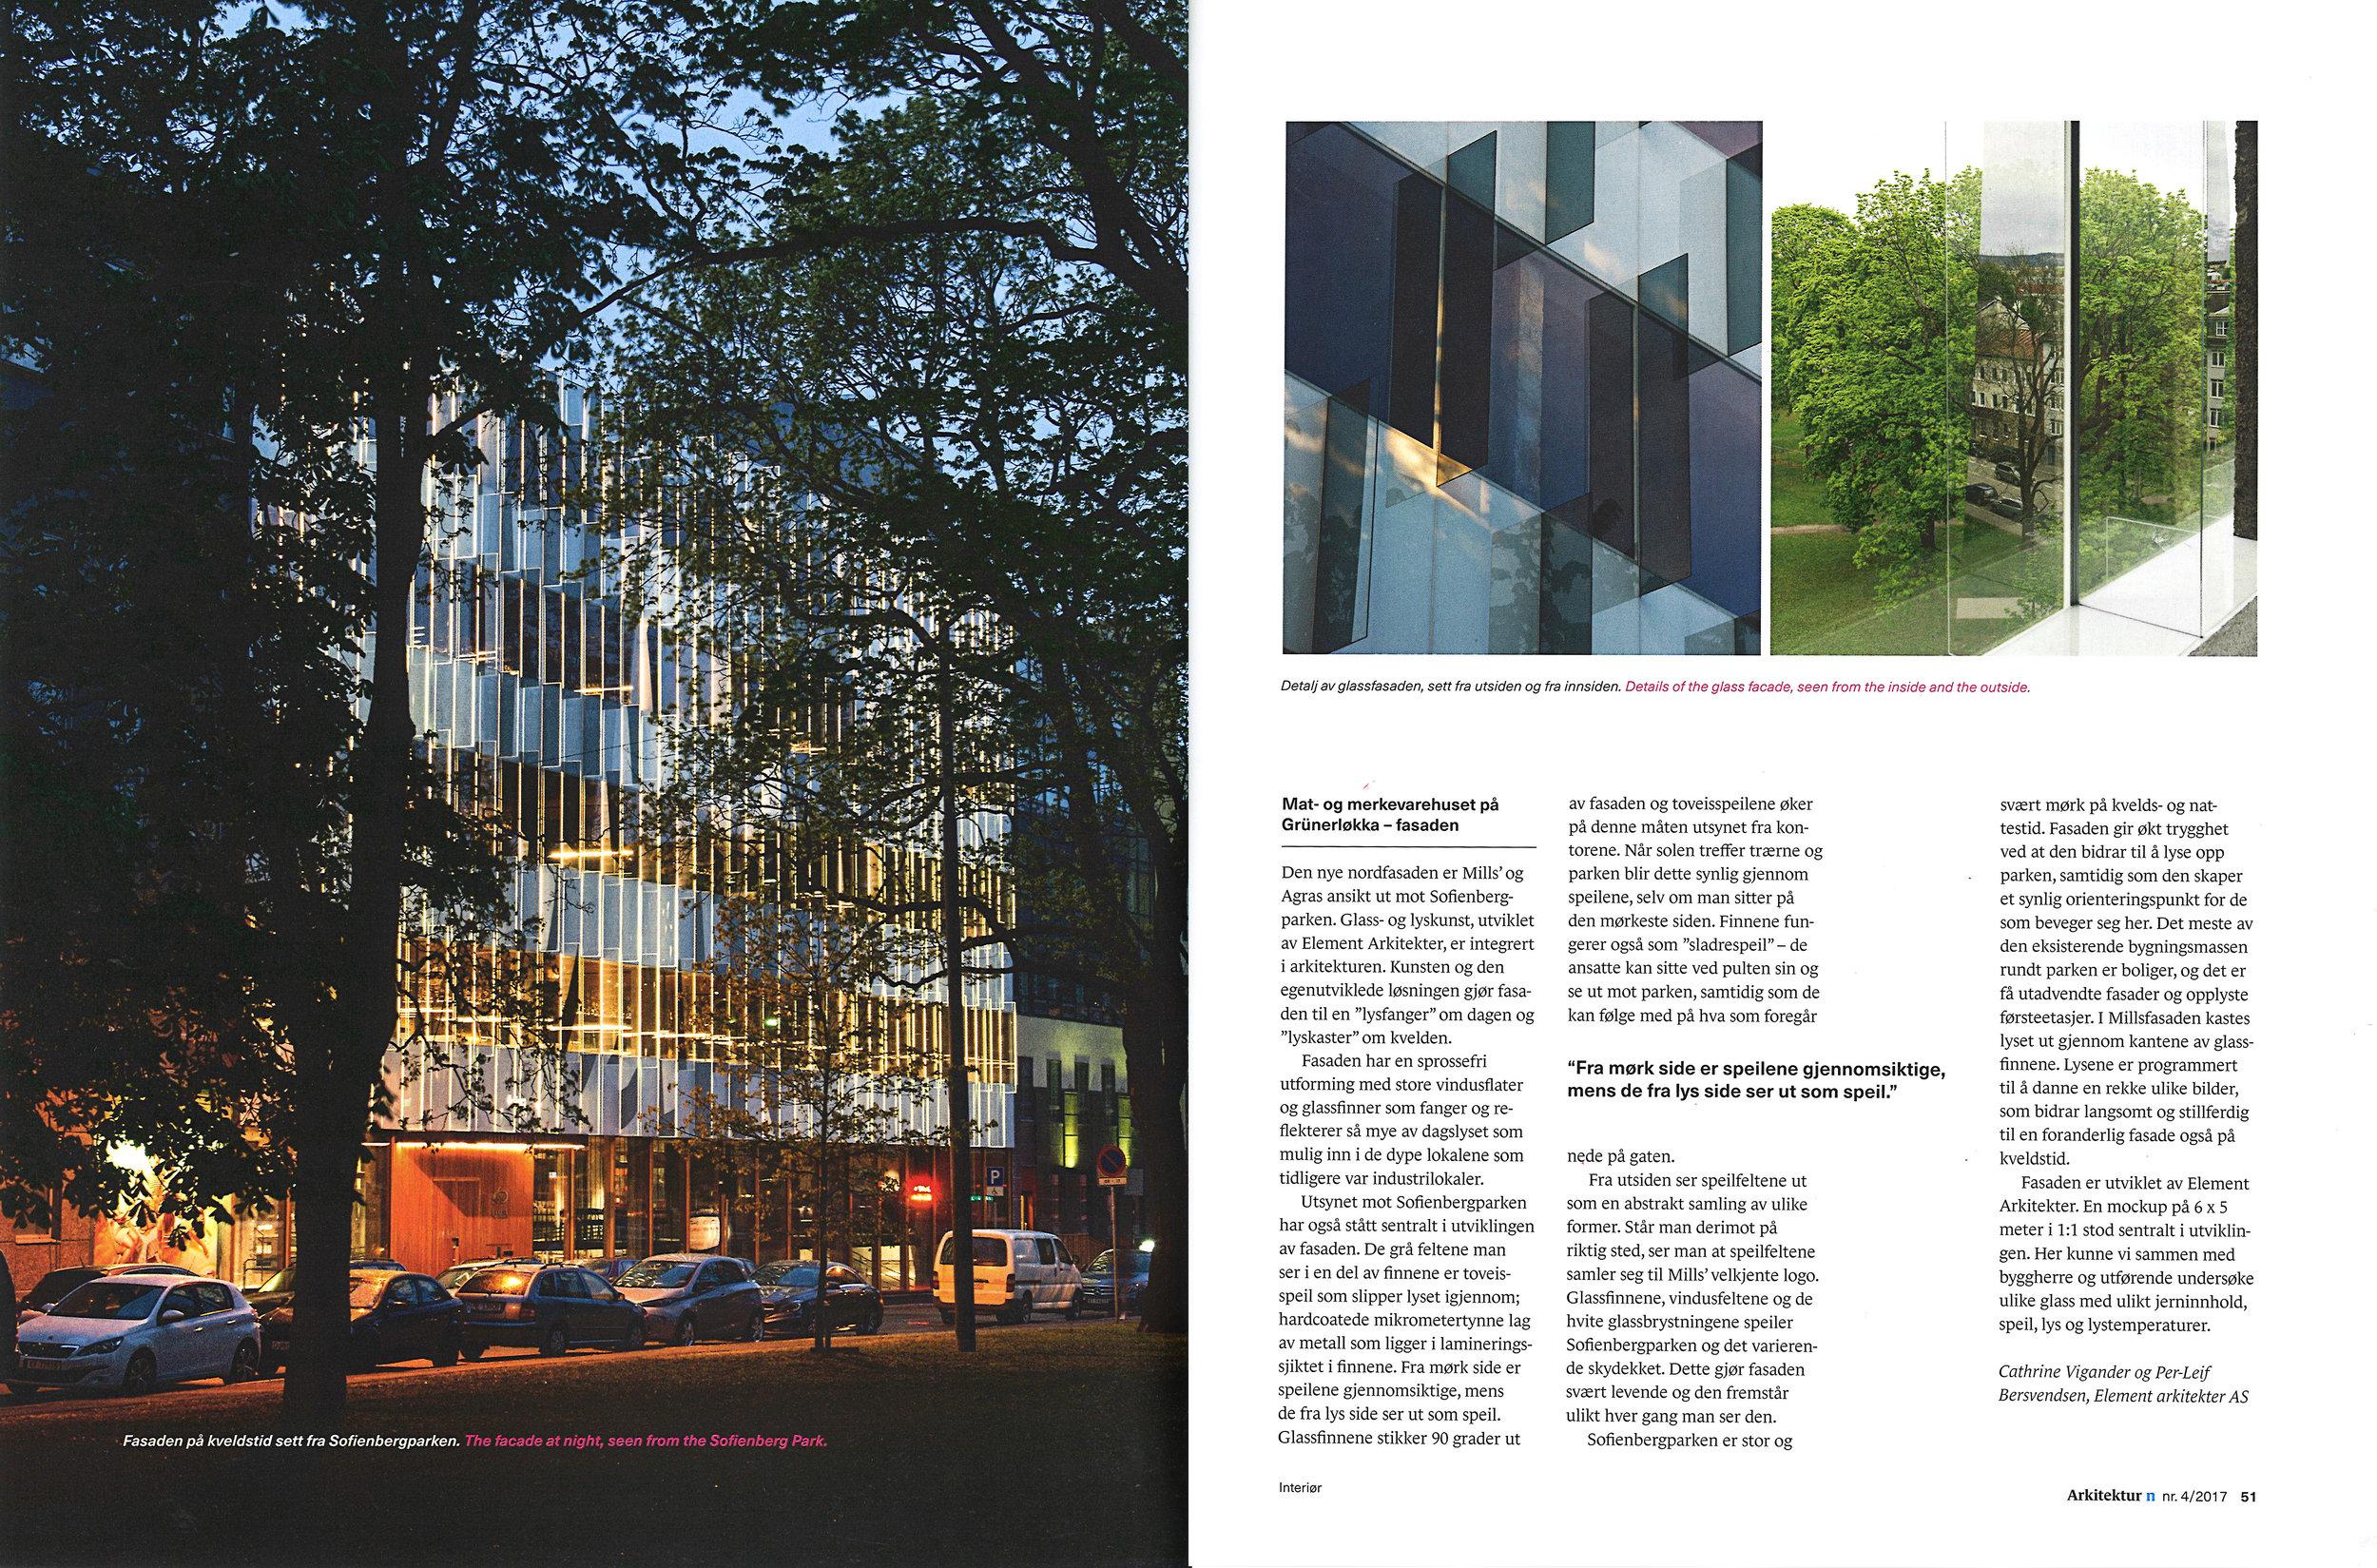 Arkitektur-N-Nr-4-2017-50.51.jpg